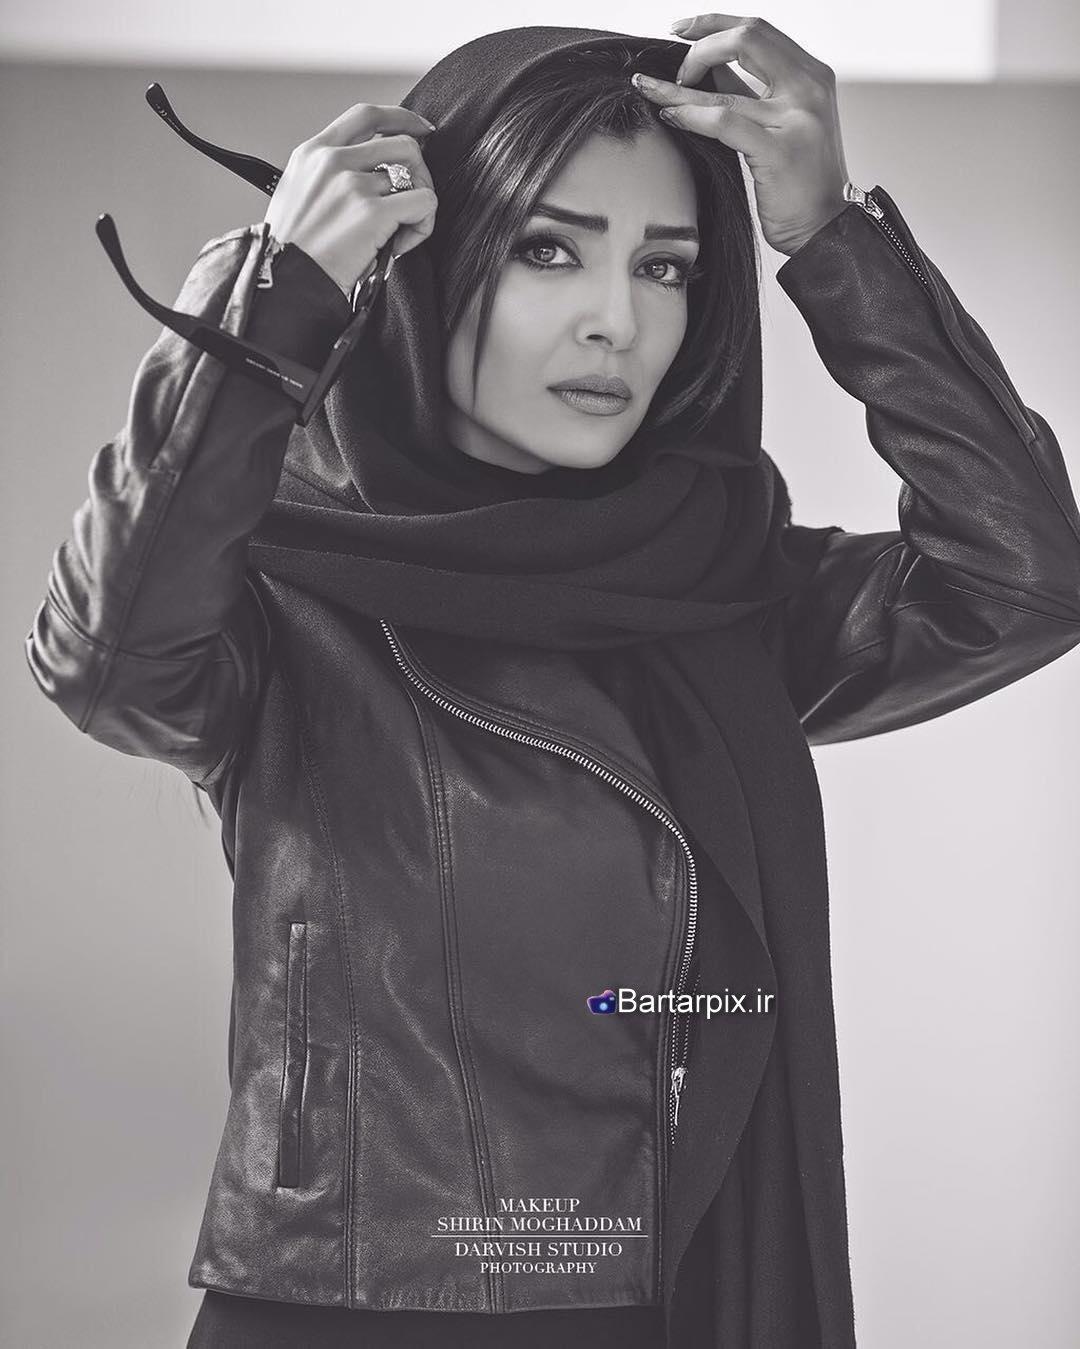 http://s8.picofile.com/file/8281724126/www_bartarpix_ir_sareh_bayat.jpg